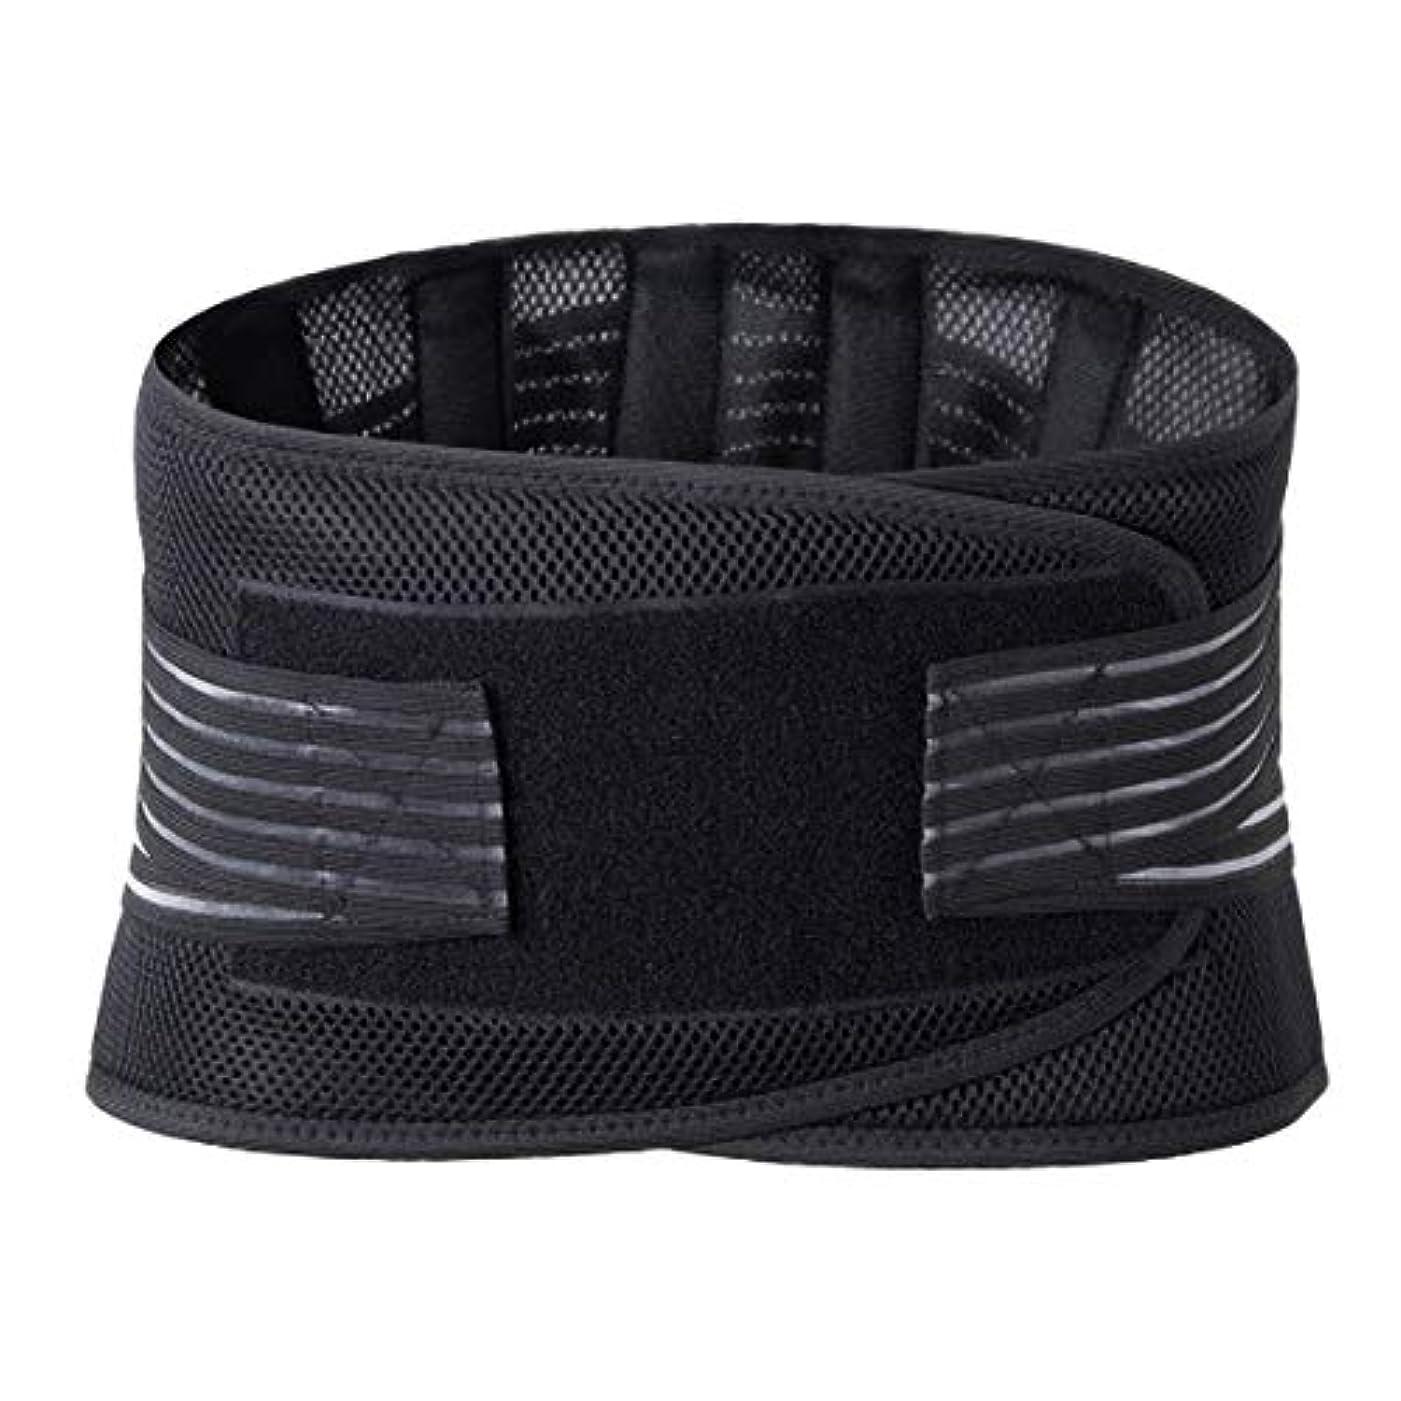 反対に盟主花束ランバーウエストサポートバックブレースベルトウエストサポートブレースフィットネススポーツ保護姿勢コレクター再構築 - ブラック